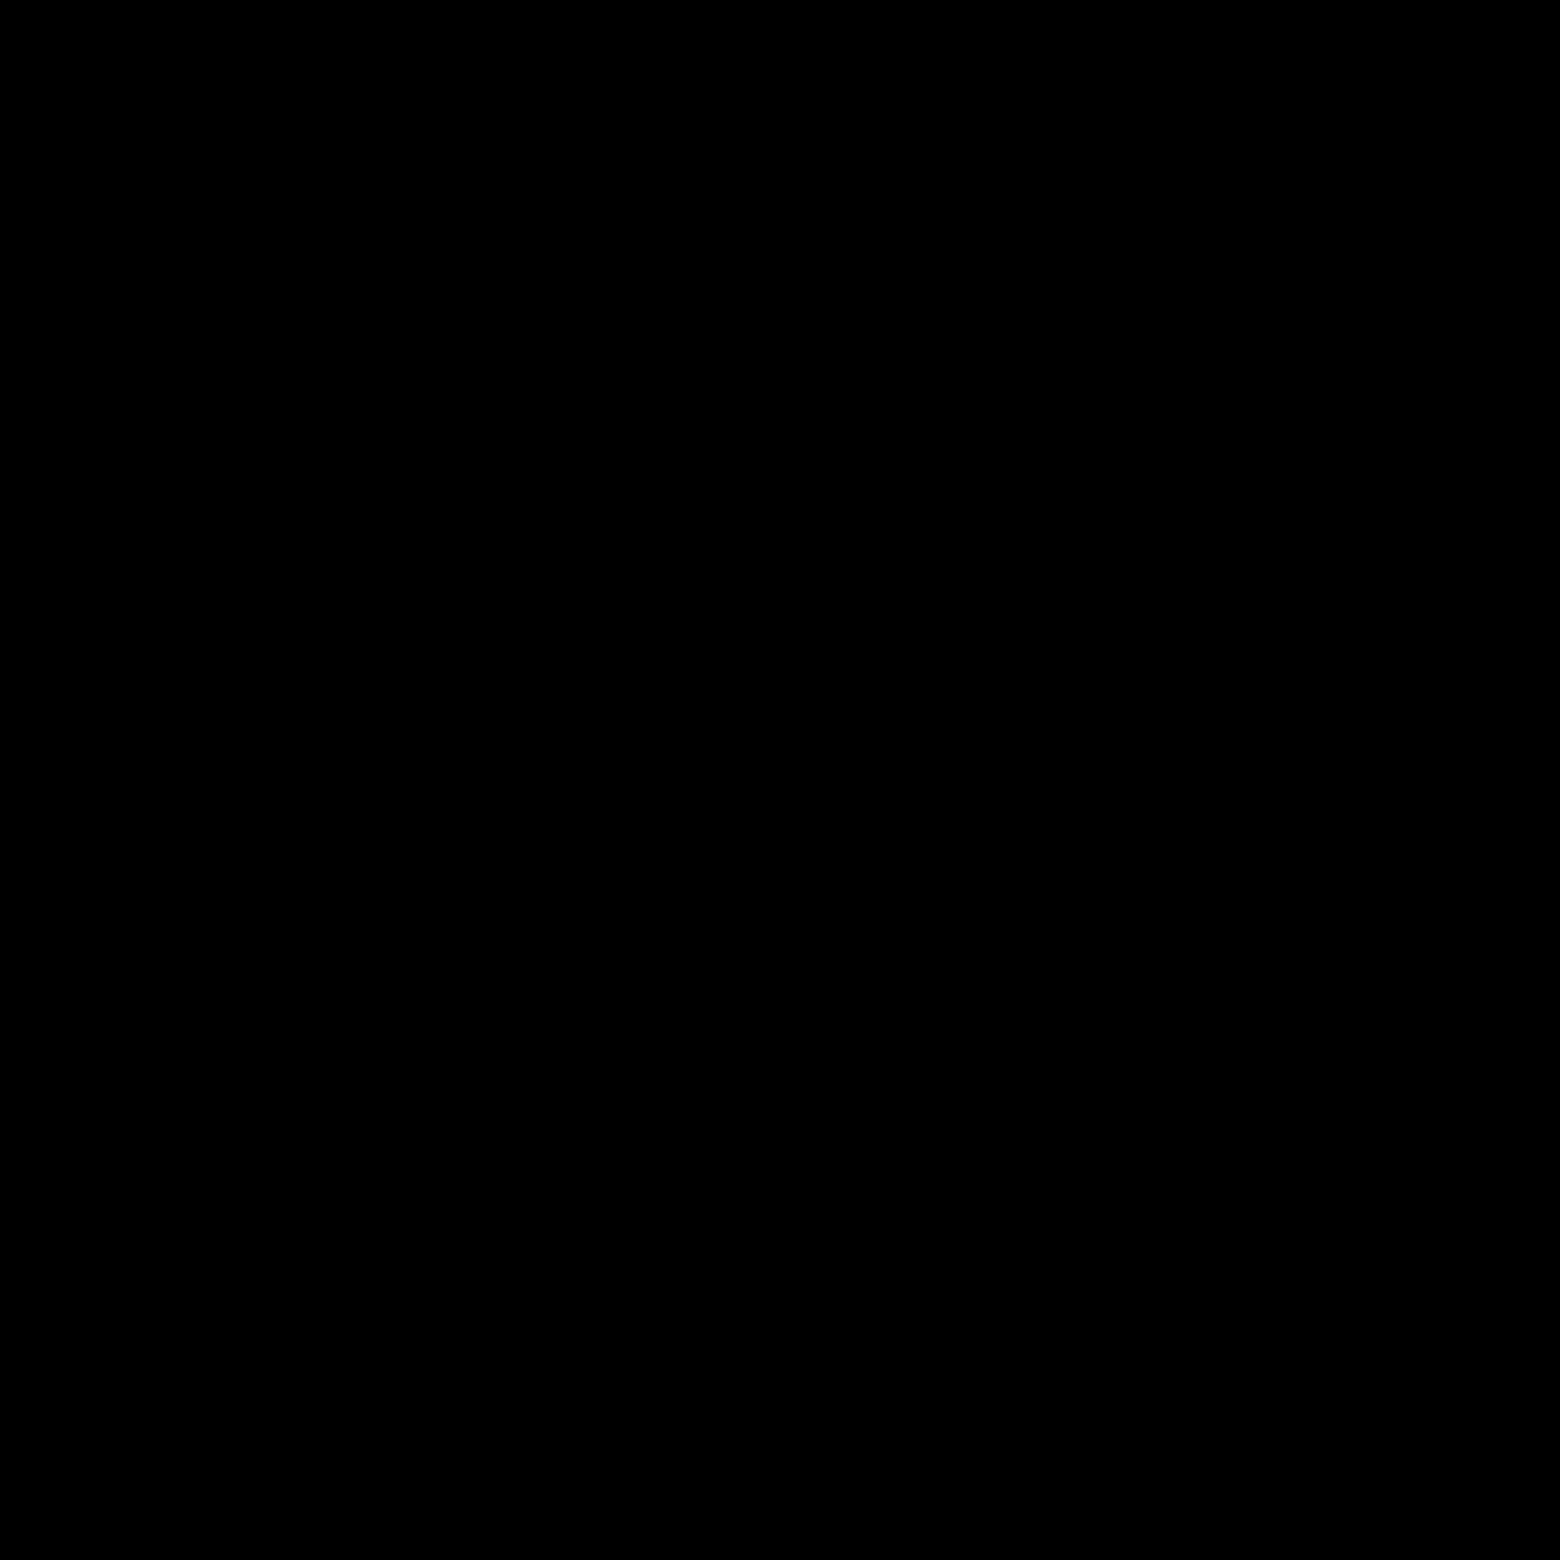 logo-dark.f144f15e660b_2.png